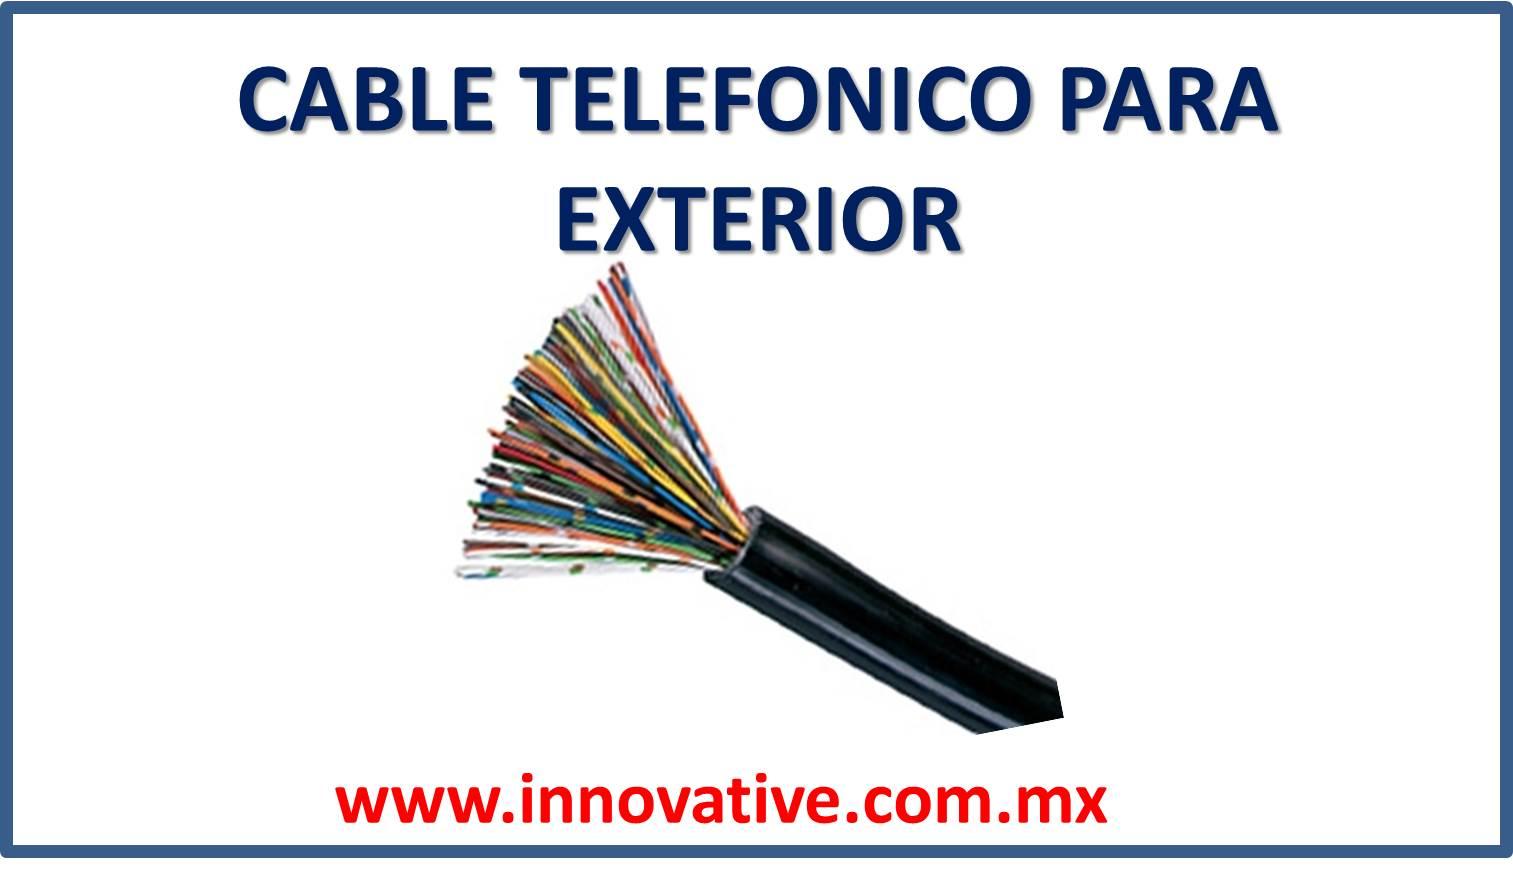 Cable telefonico para exterior - Cable para exterior ...